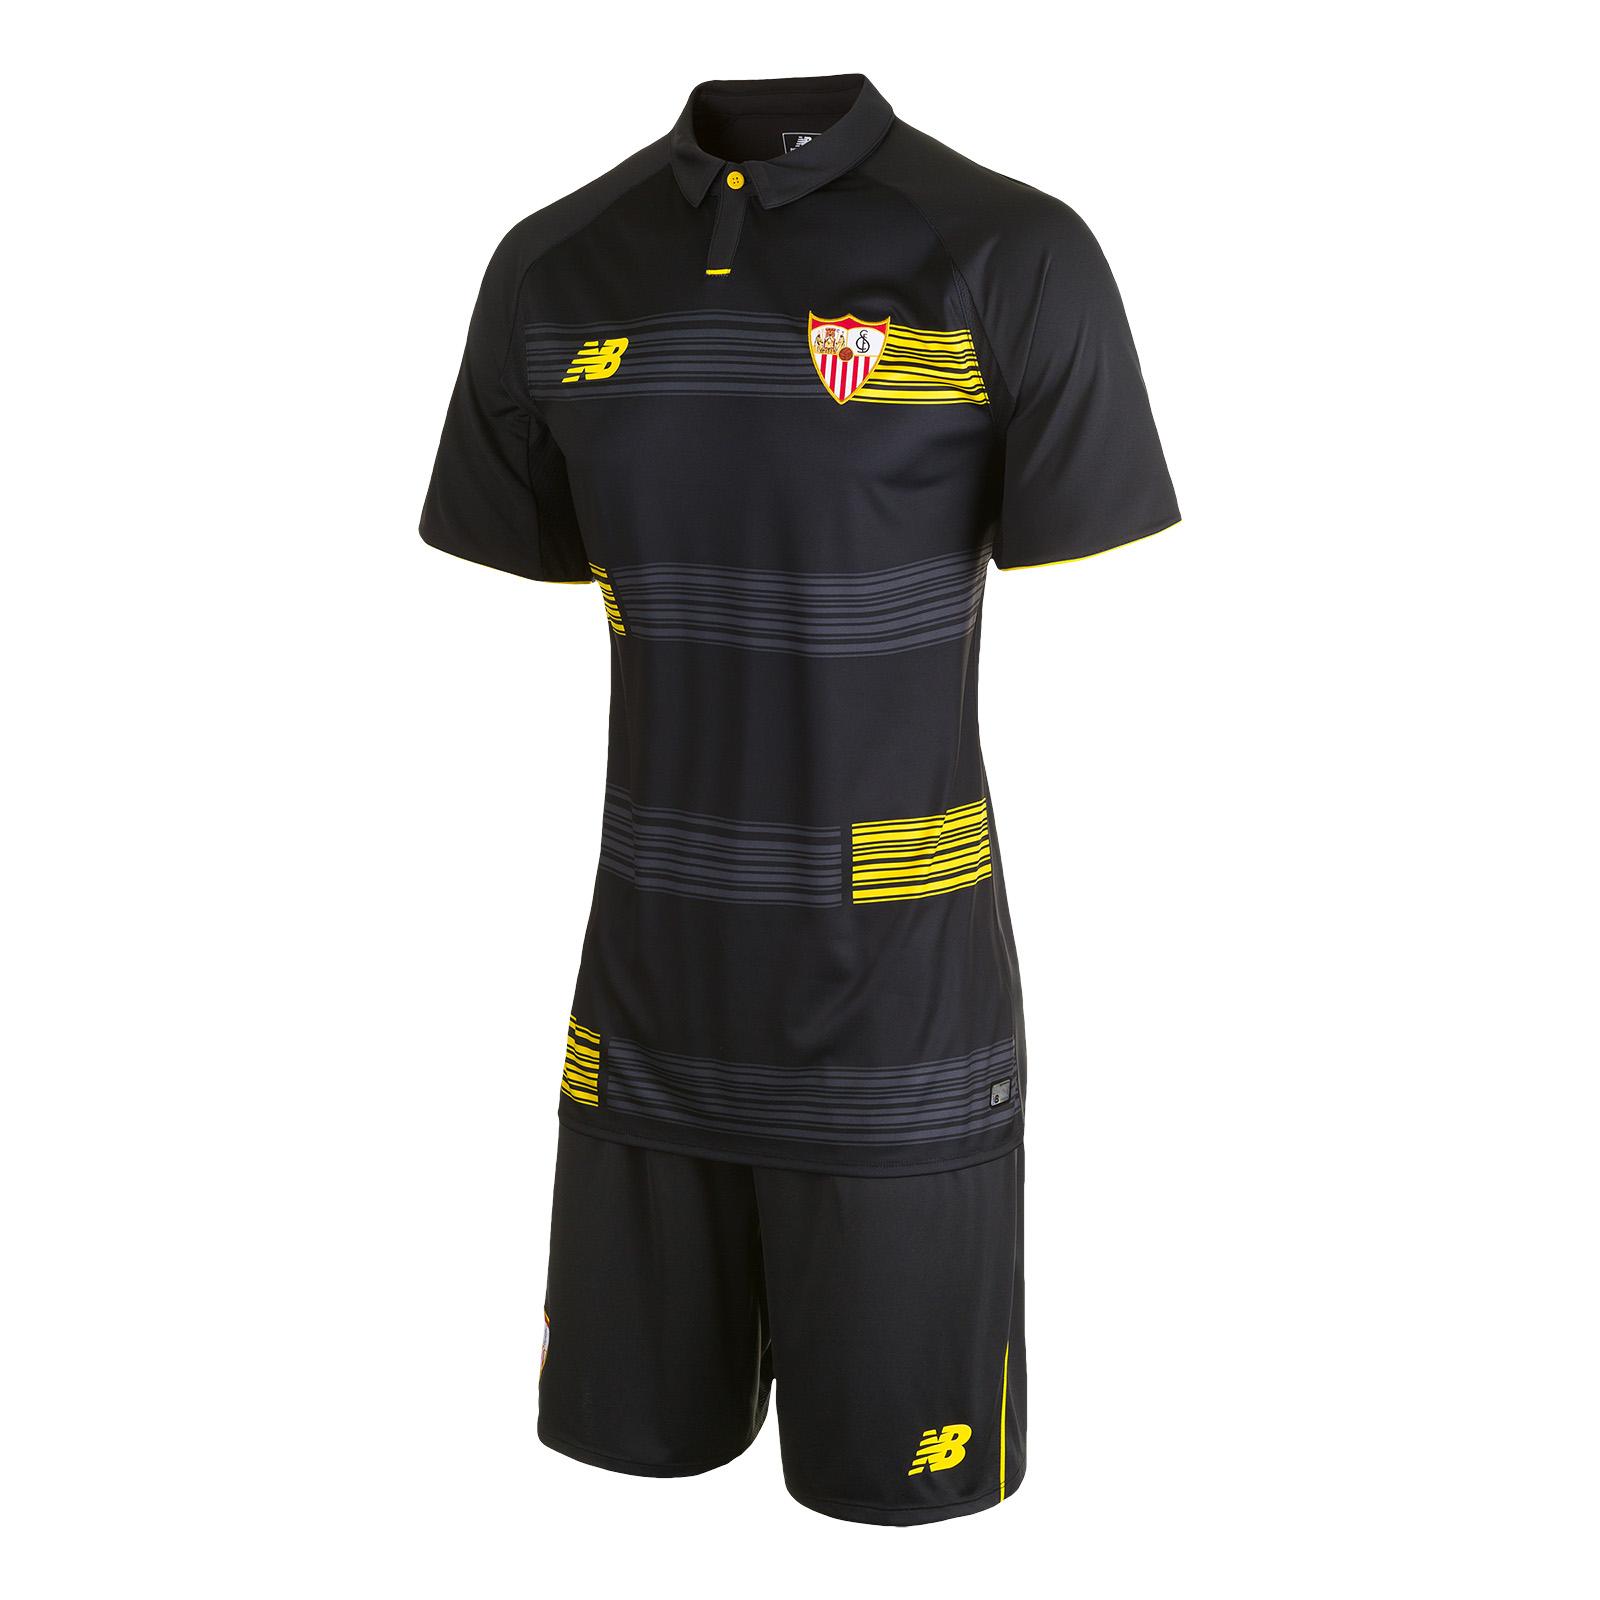 Nouveaux maillots 2015 2016 fc s ville new balance - Nouveau sevilla ...